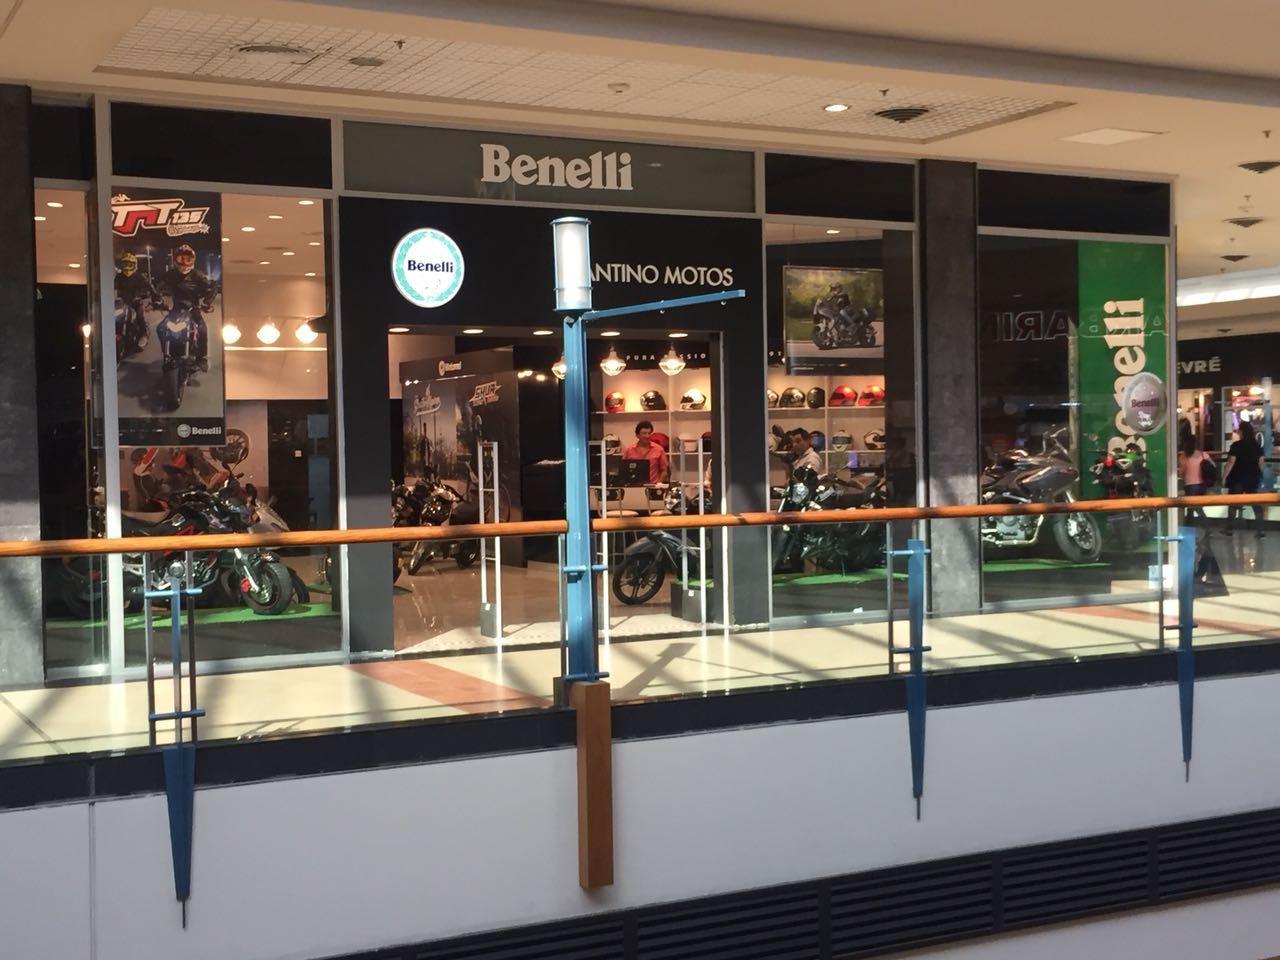 Nuevo Benelli Store en Rosario